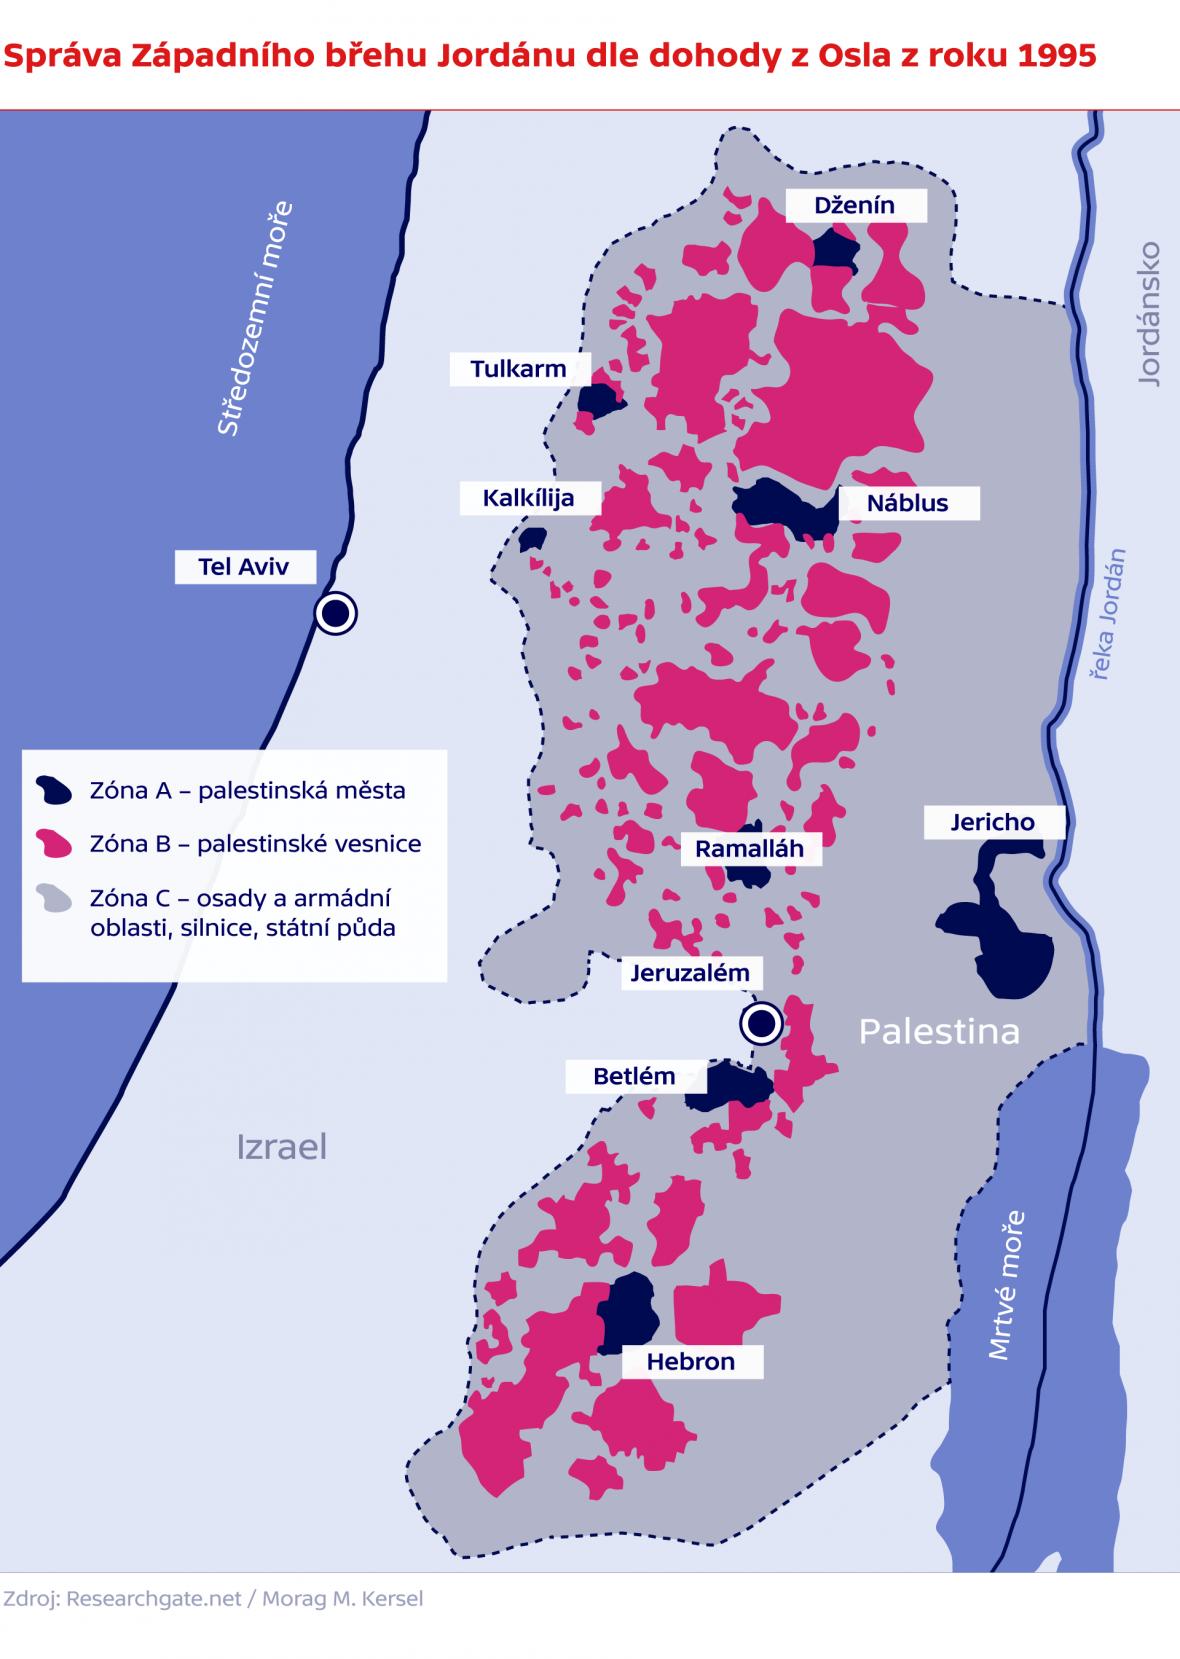 Správa Západního břehu Jordánu dle dohody z Osla z roku 1995